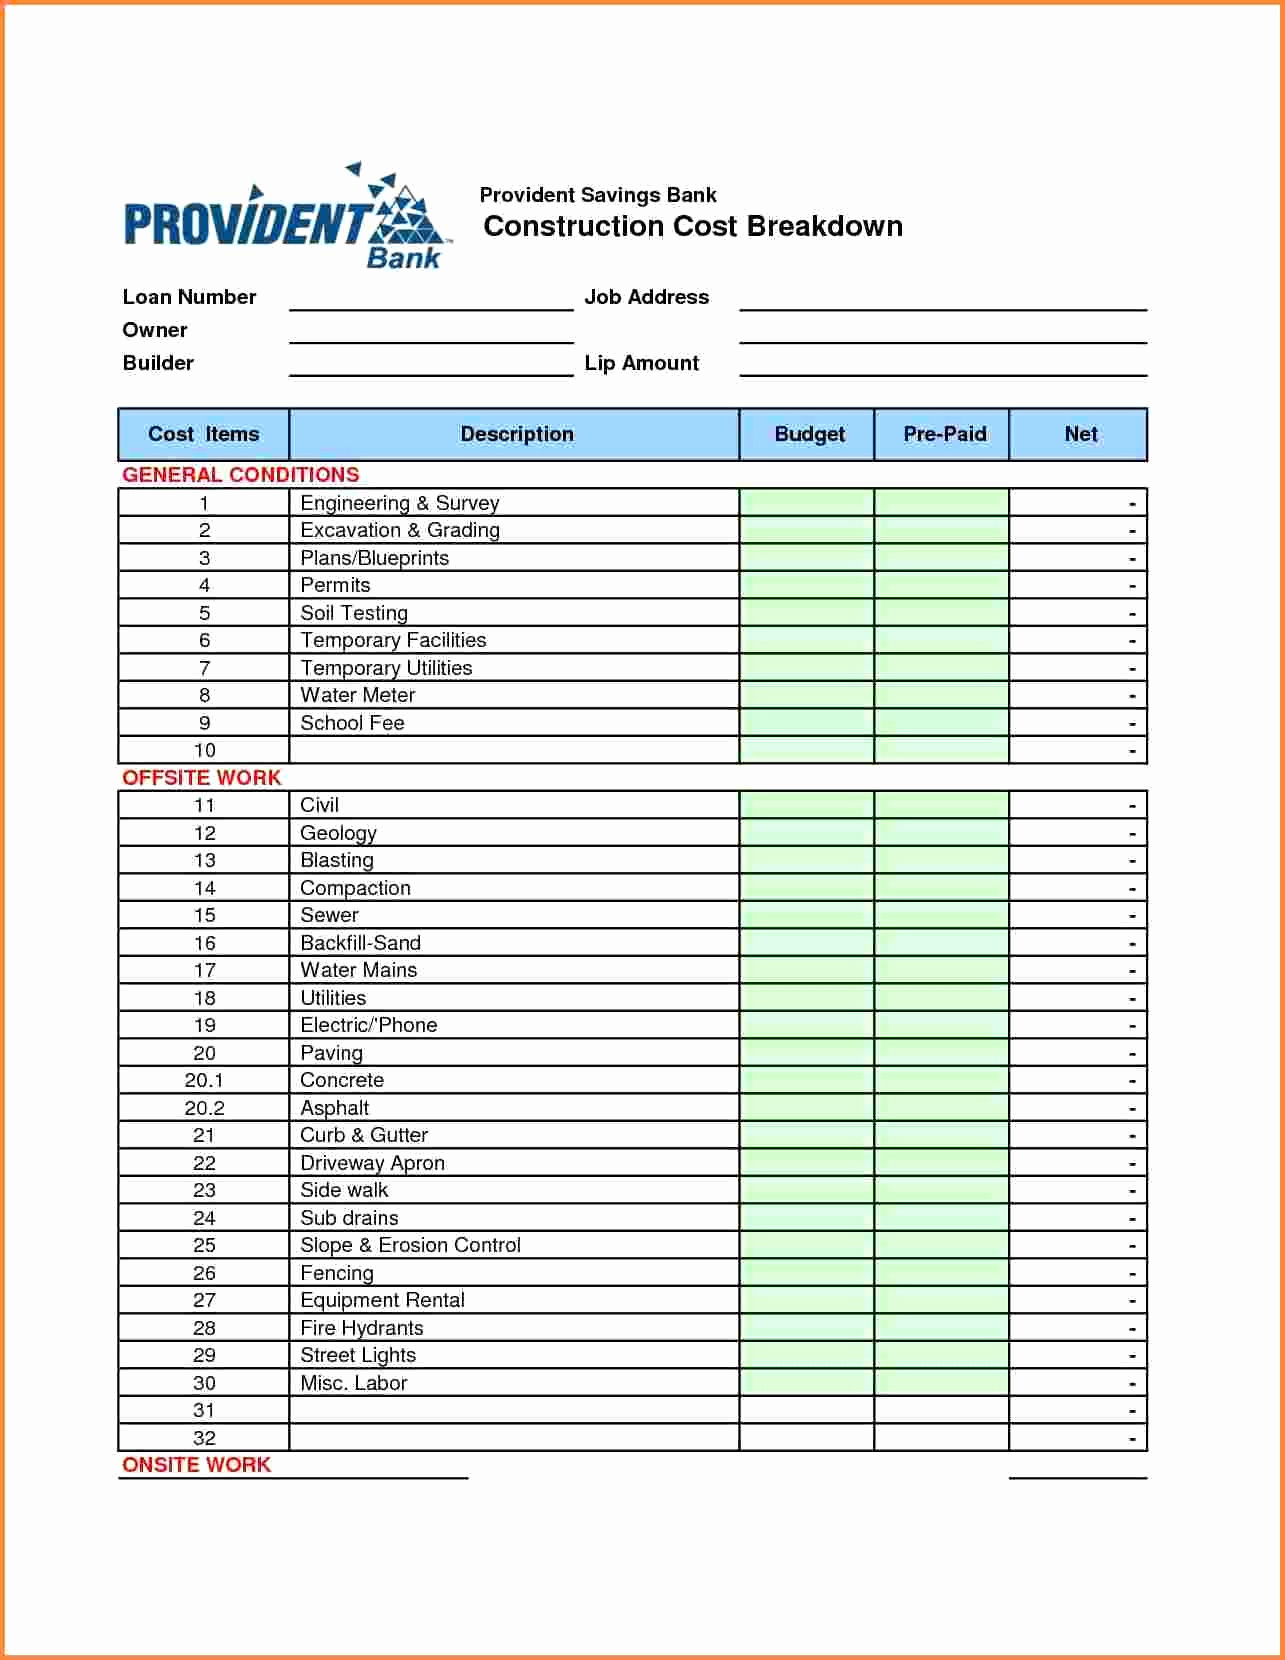 Cost Basis Spreadsheet Excel Regarding Cost Basis Spreadsheet Excel  Spreadsheet Collections